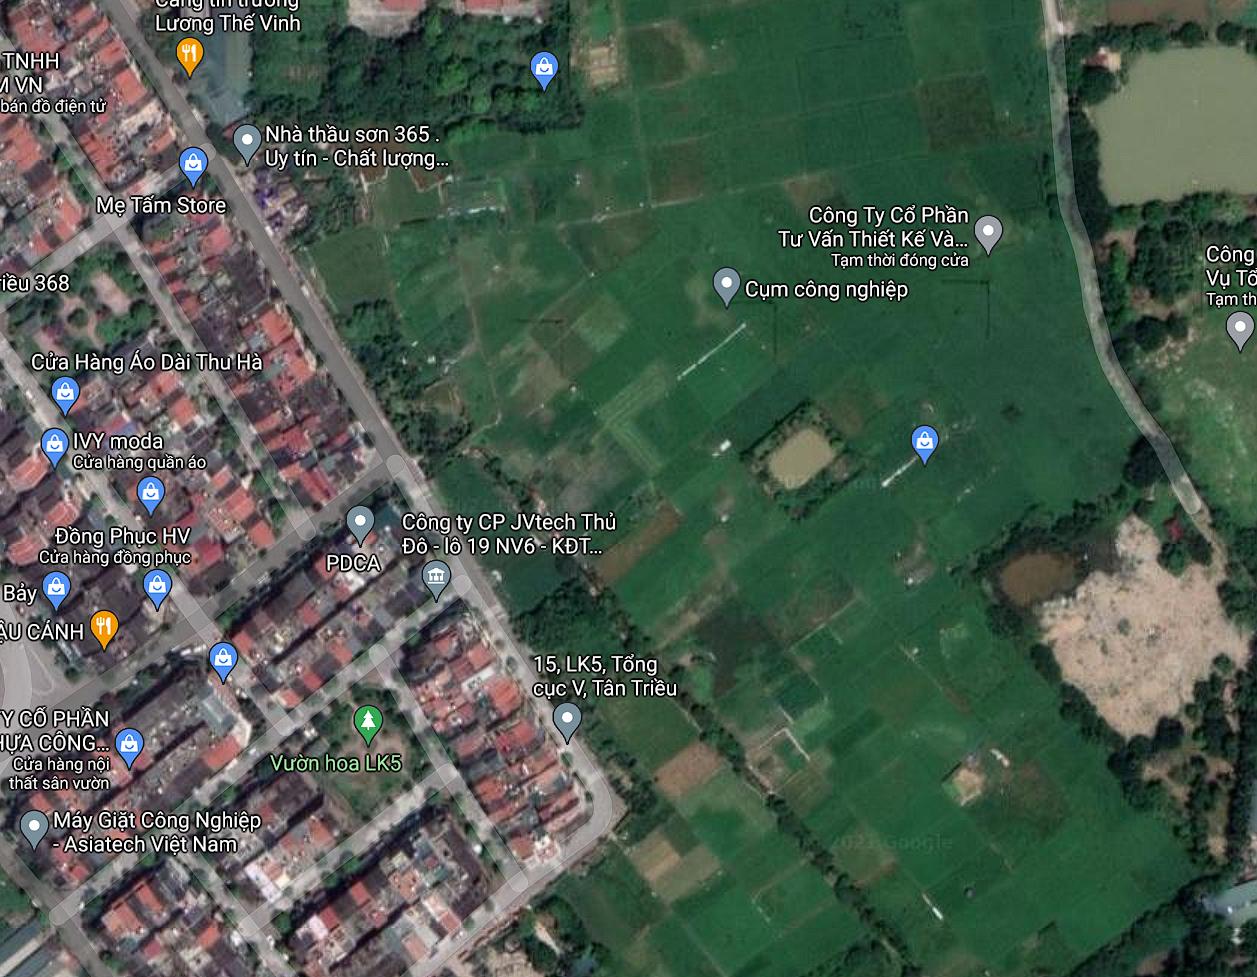 Đất dính quy hoạch ở xã Tân Triều, Thanh Trì, Hà Nội - Ảnh 2.